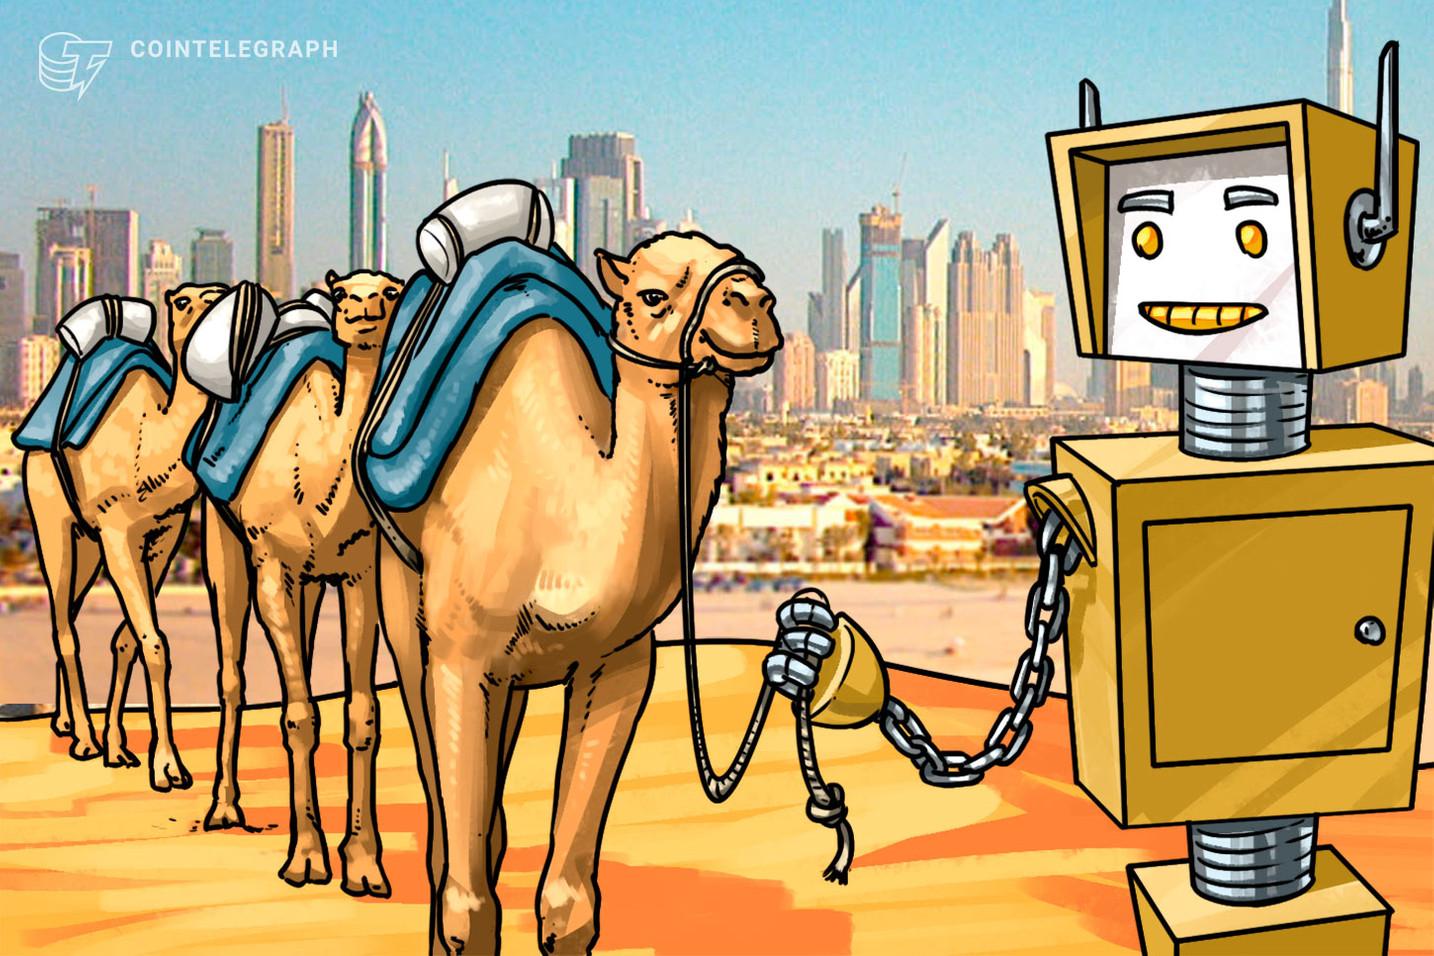 Il Dipartimento delle Finanze di Dubai ha lanciato un nuovo sistema di pagamento basato su blockchain